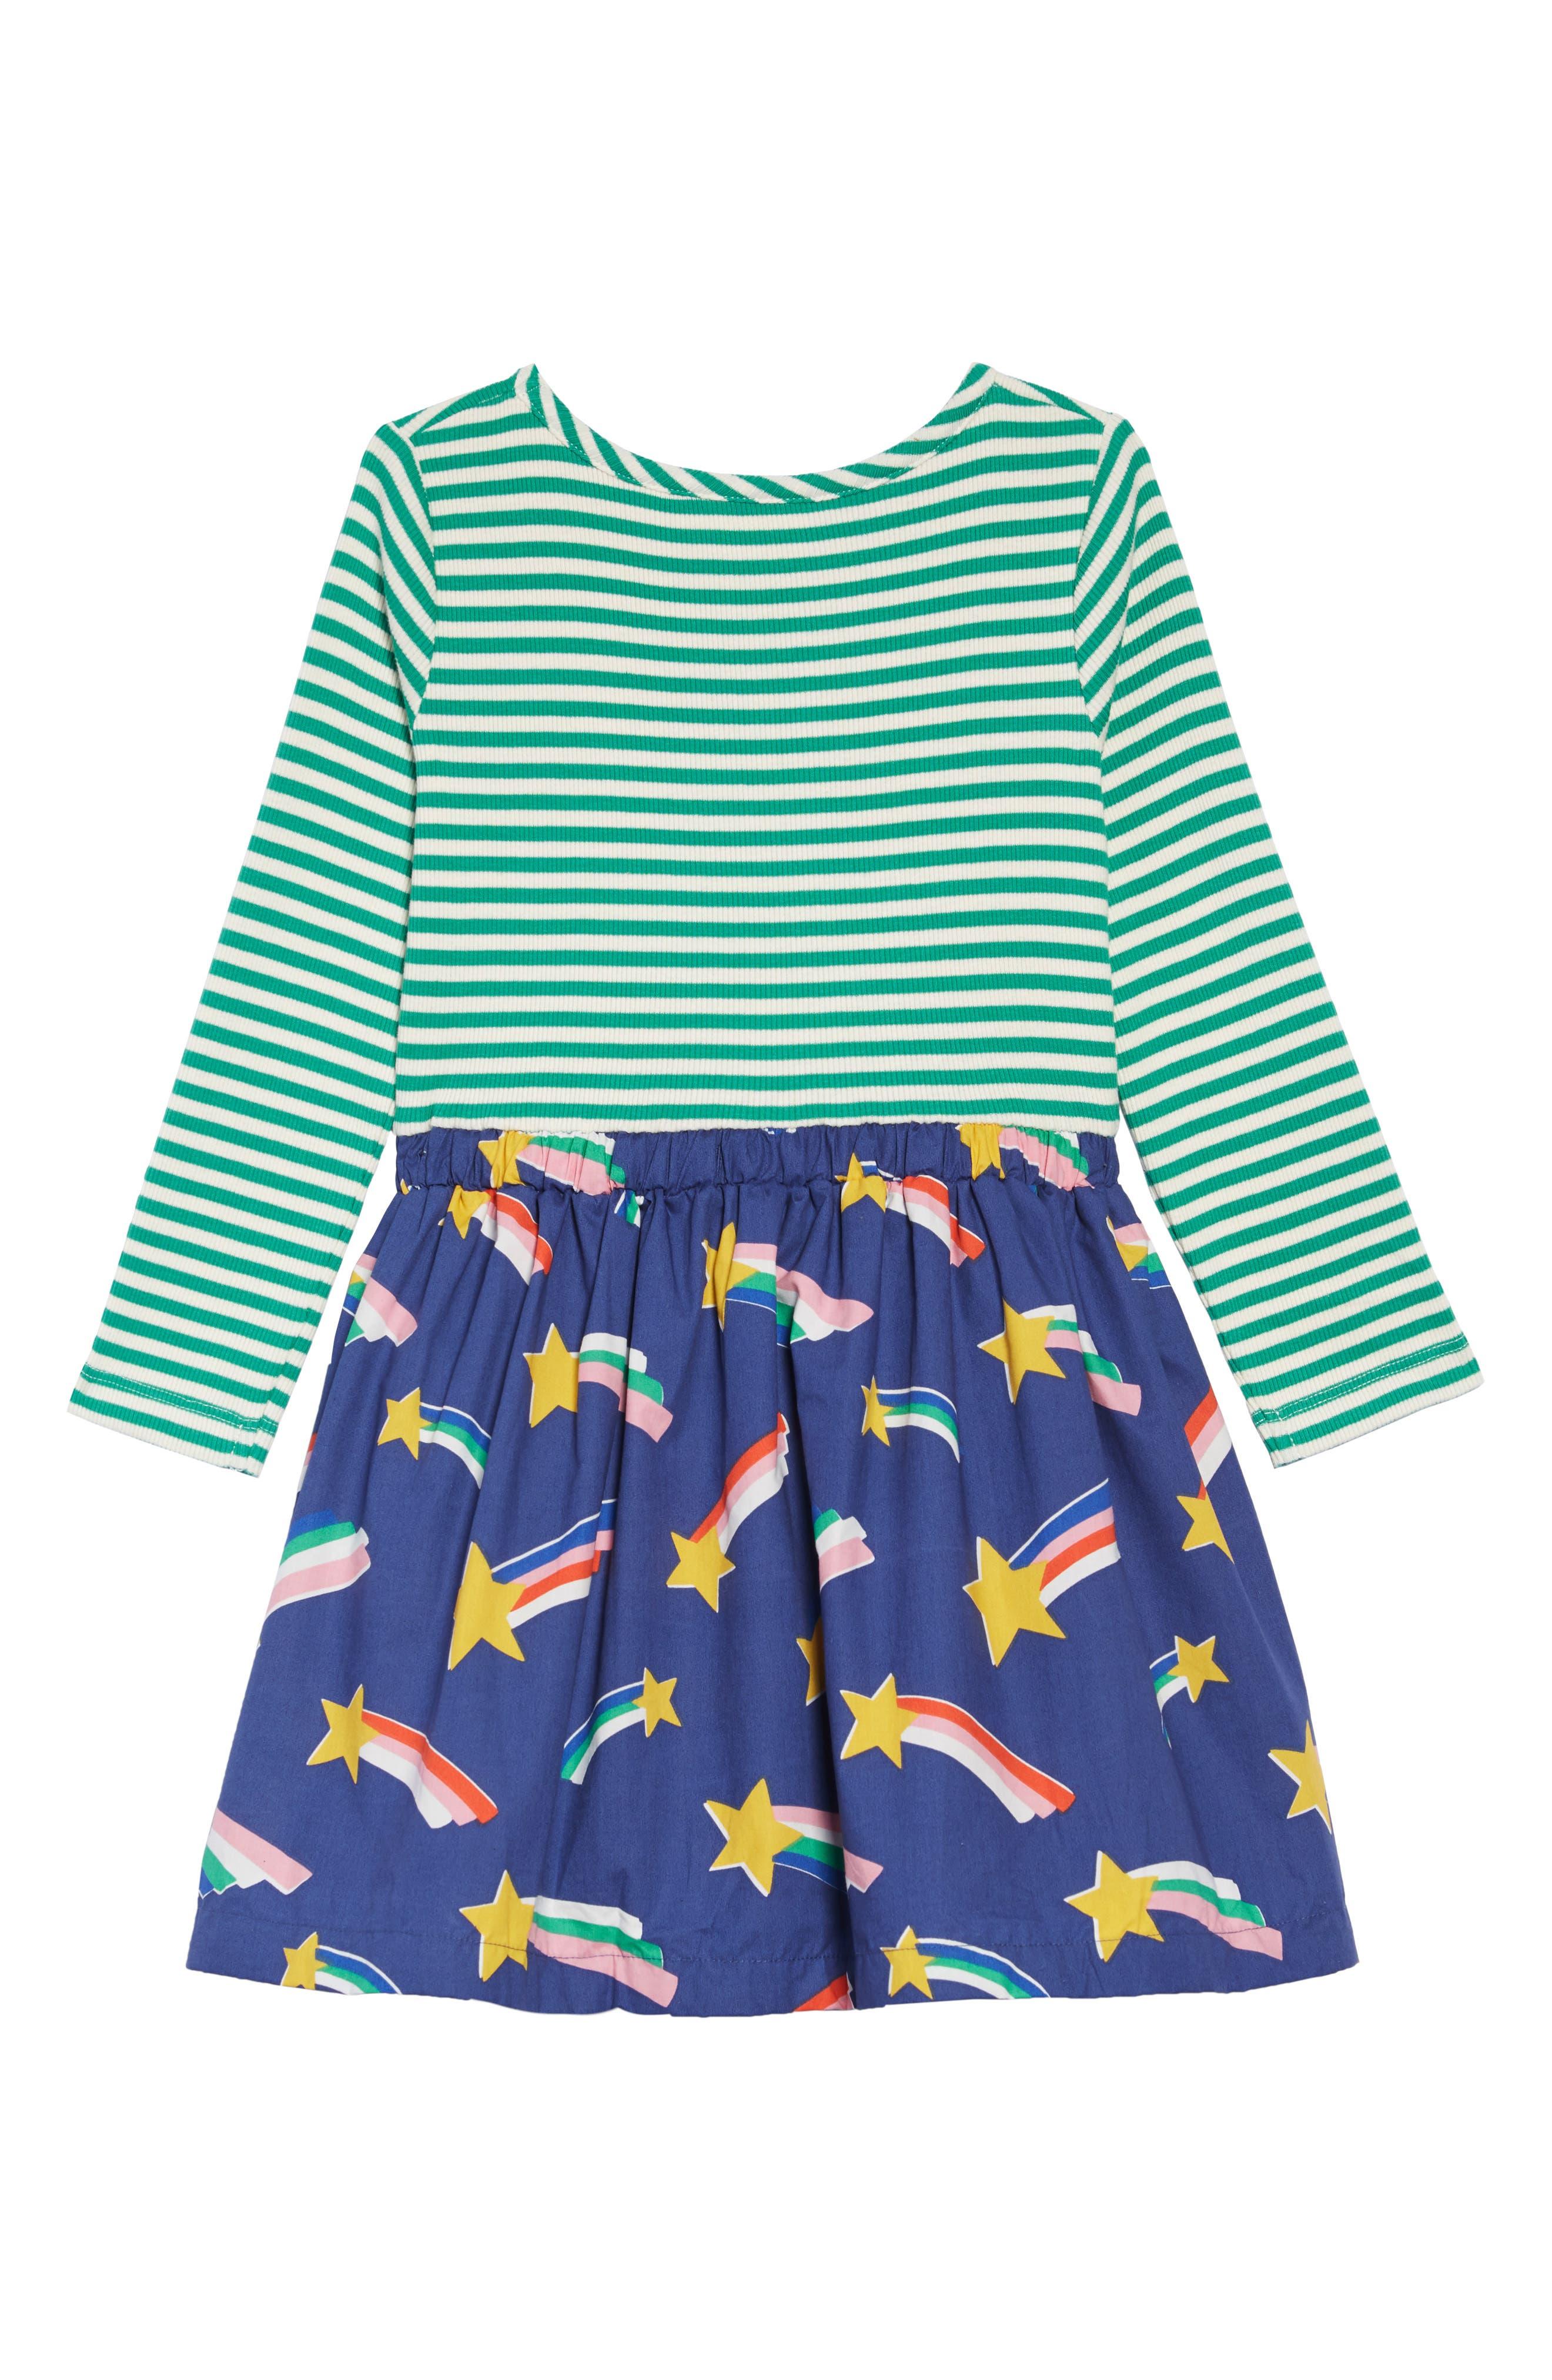 Hopscotch Dress,                             Alternate thumbnail 2, color,                             414